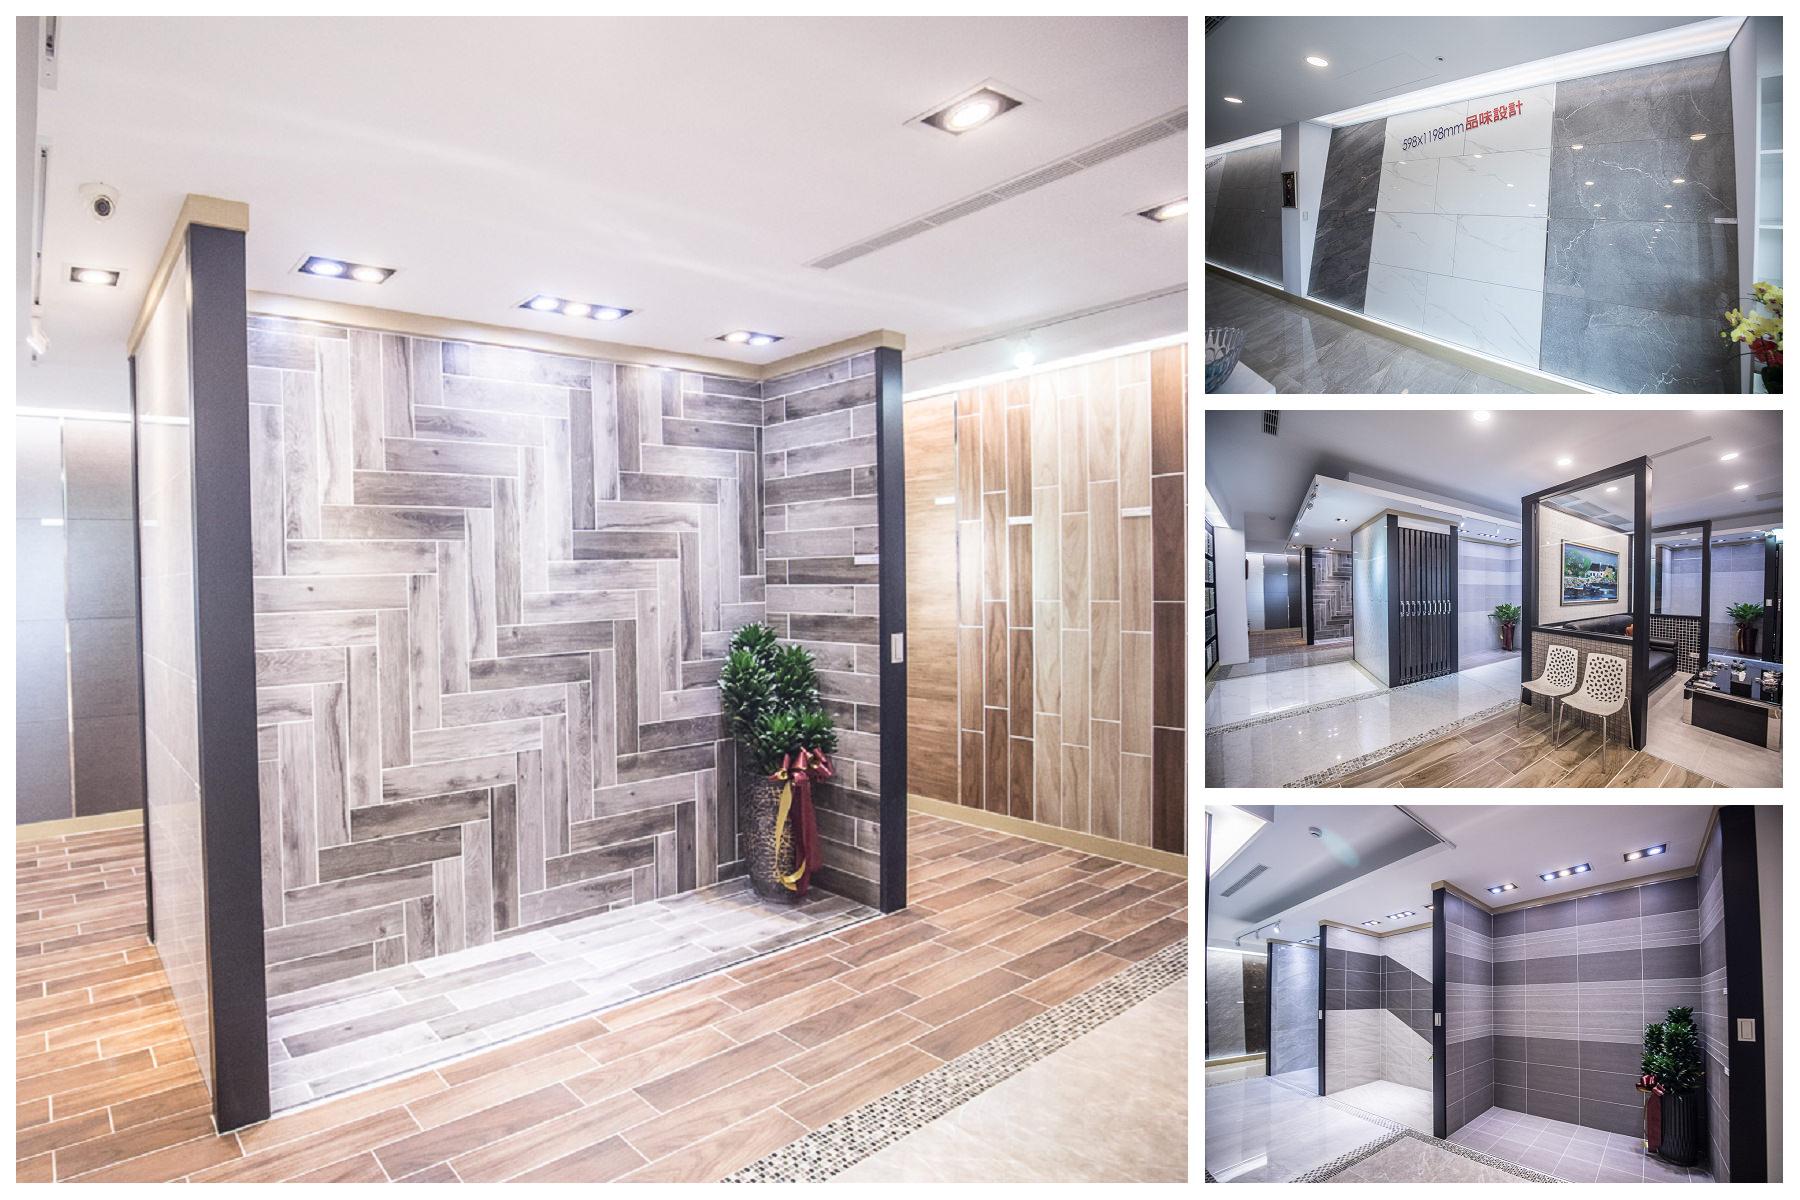 宛如磁磚博物館!集安全、設計、環保於一身的磁磚工藝品牌,創造磁磚應用的無限可能!三洋磁磚旗艦展示中心